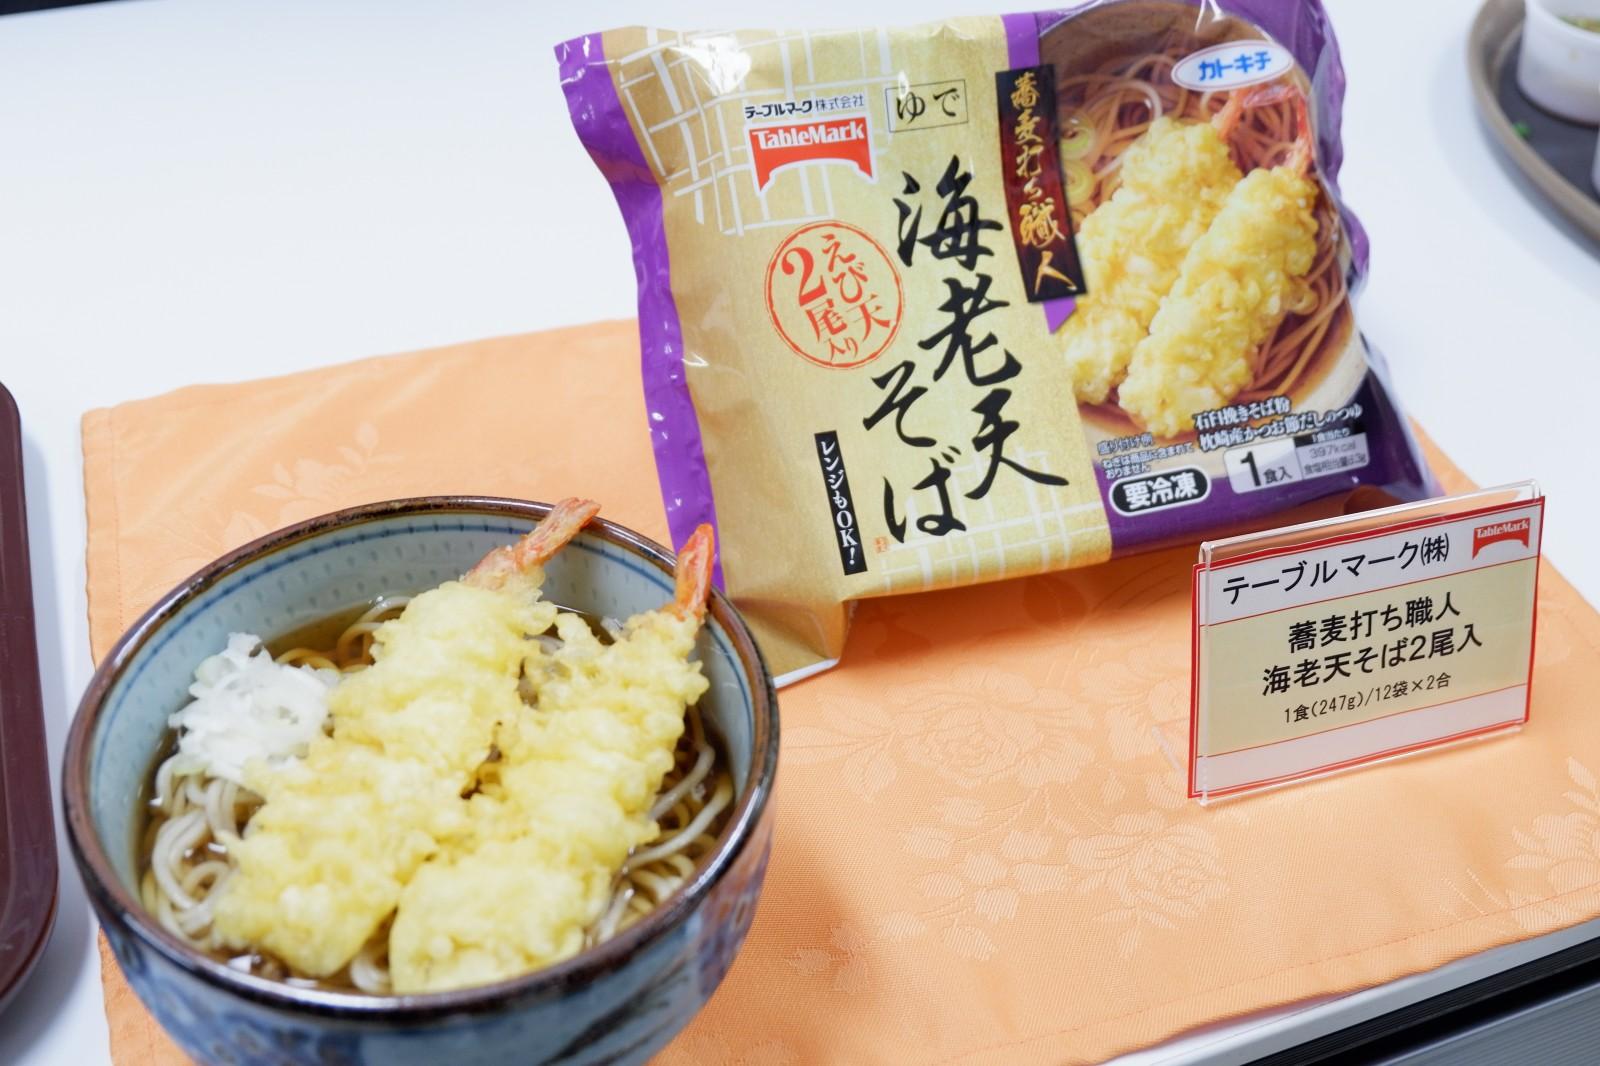 海老天は2尾!、鶏めしは具だくさん!主食に強いテーブルマークの新商品